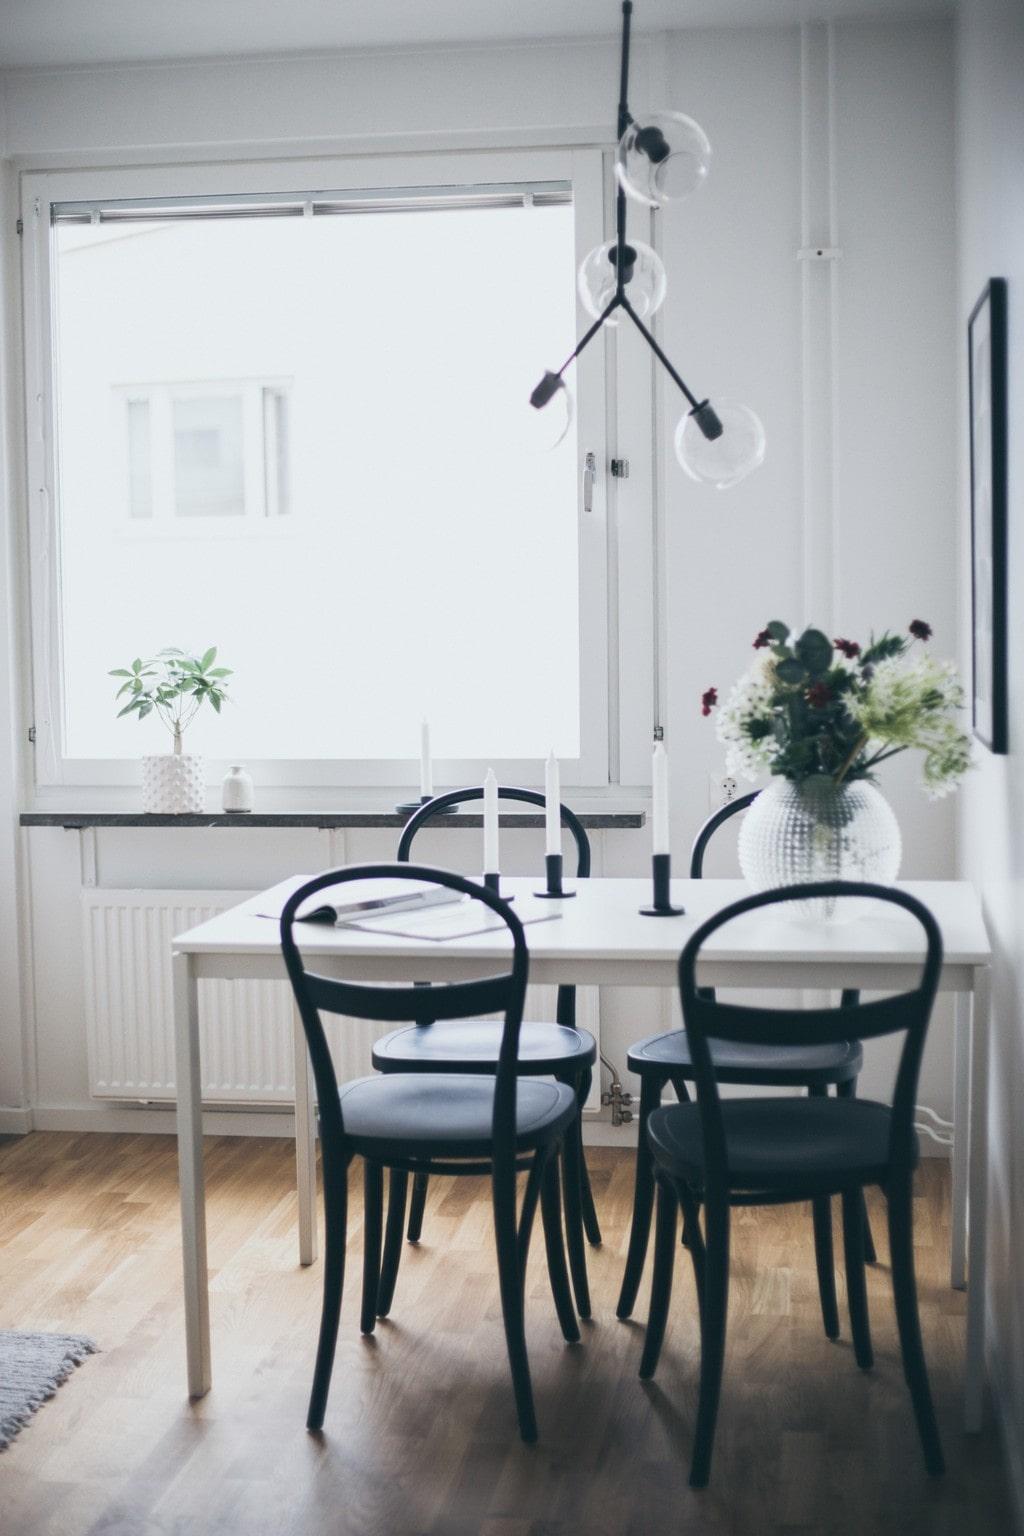 vitt köksbord med svarta stolar, svarta ljusstakar och taklampa